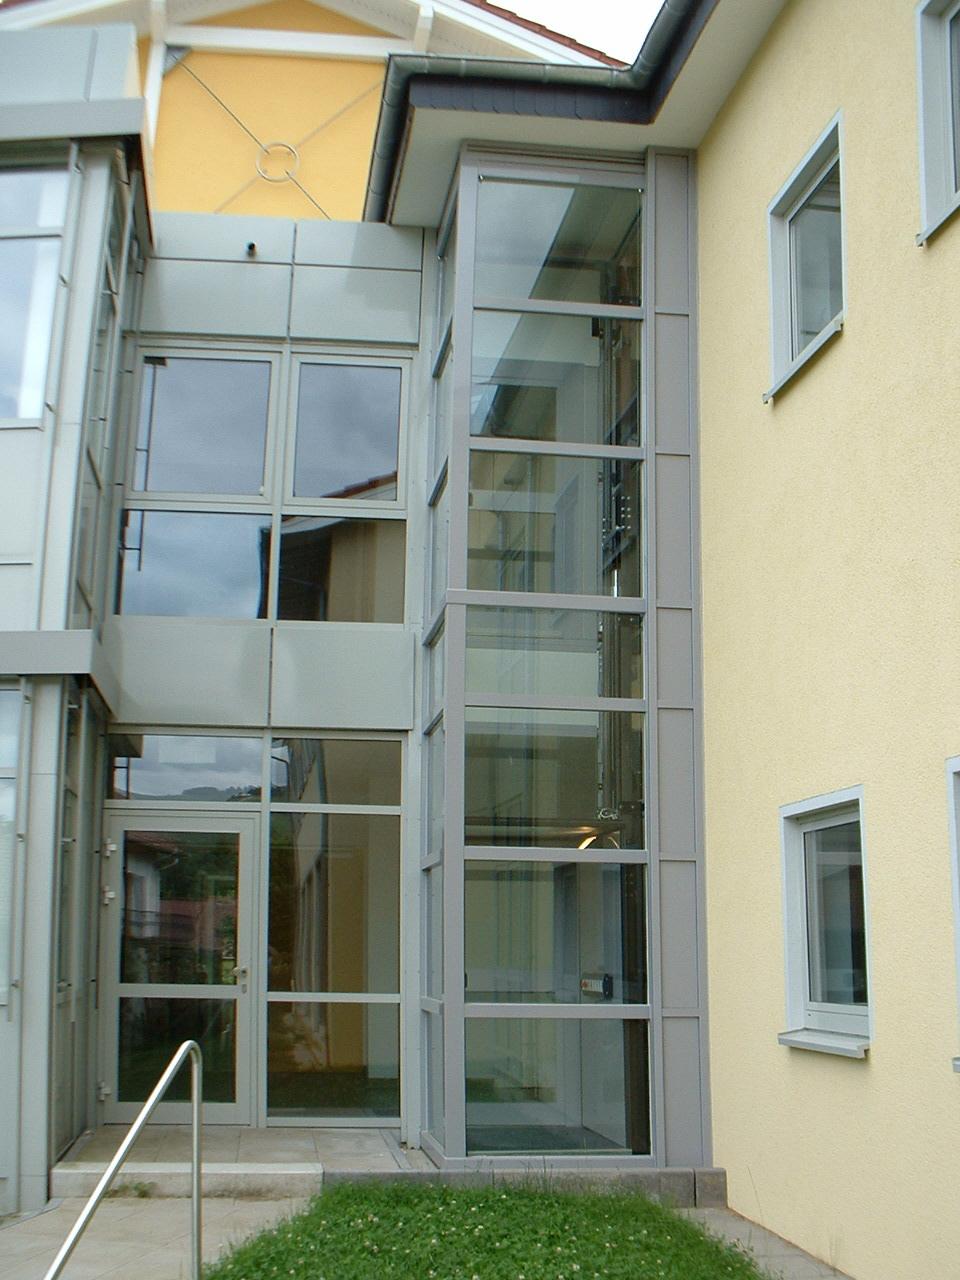 Glasaufzug grau passend zu Eingangsbereich aus Glas